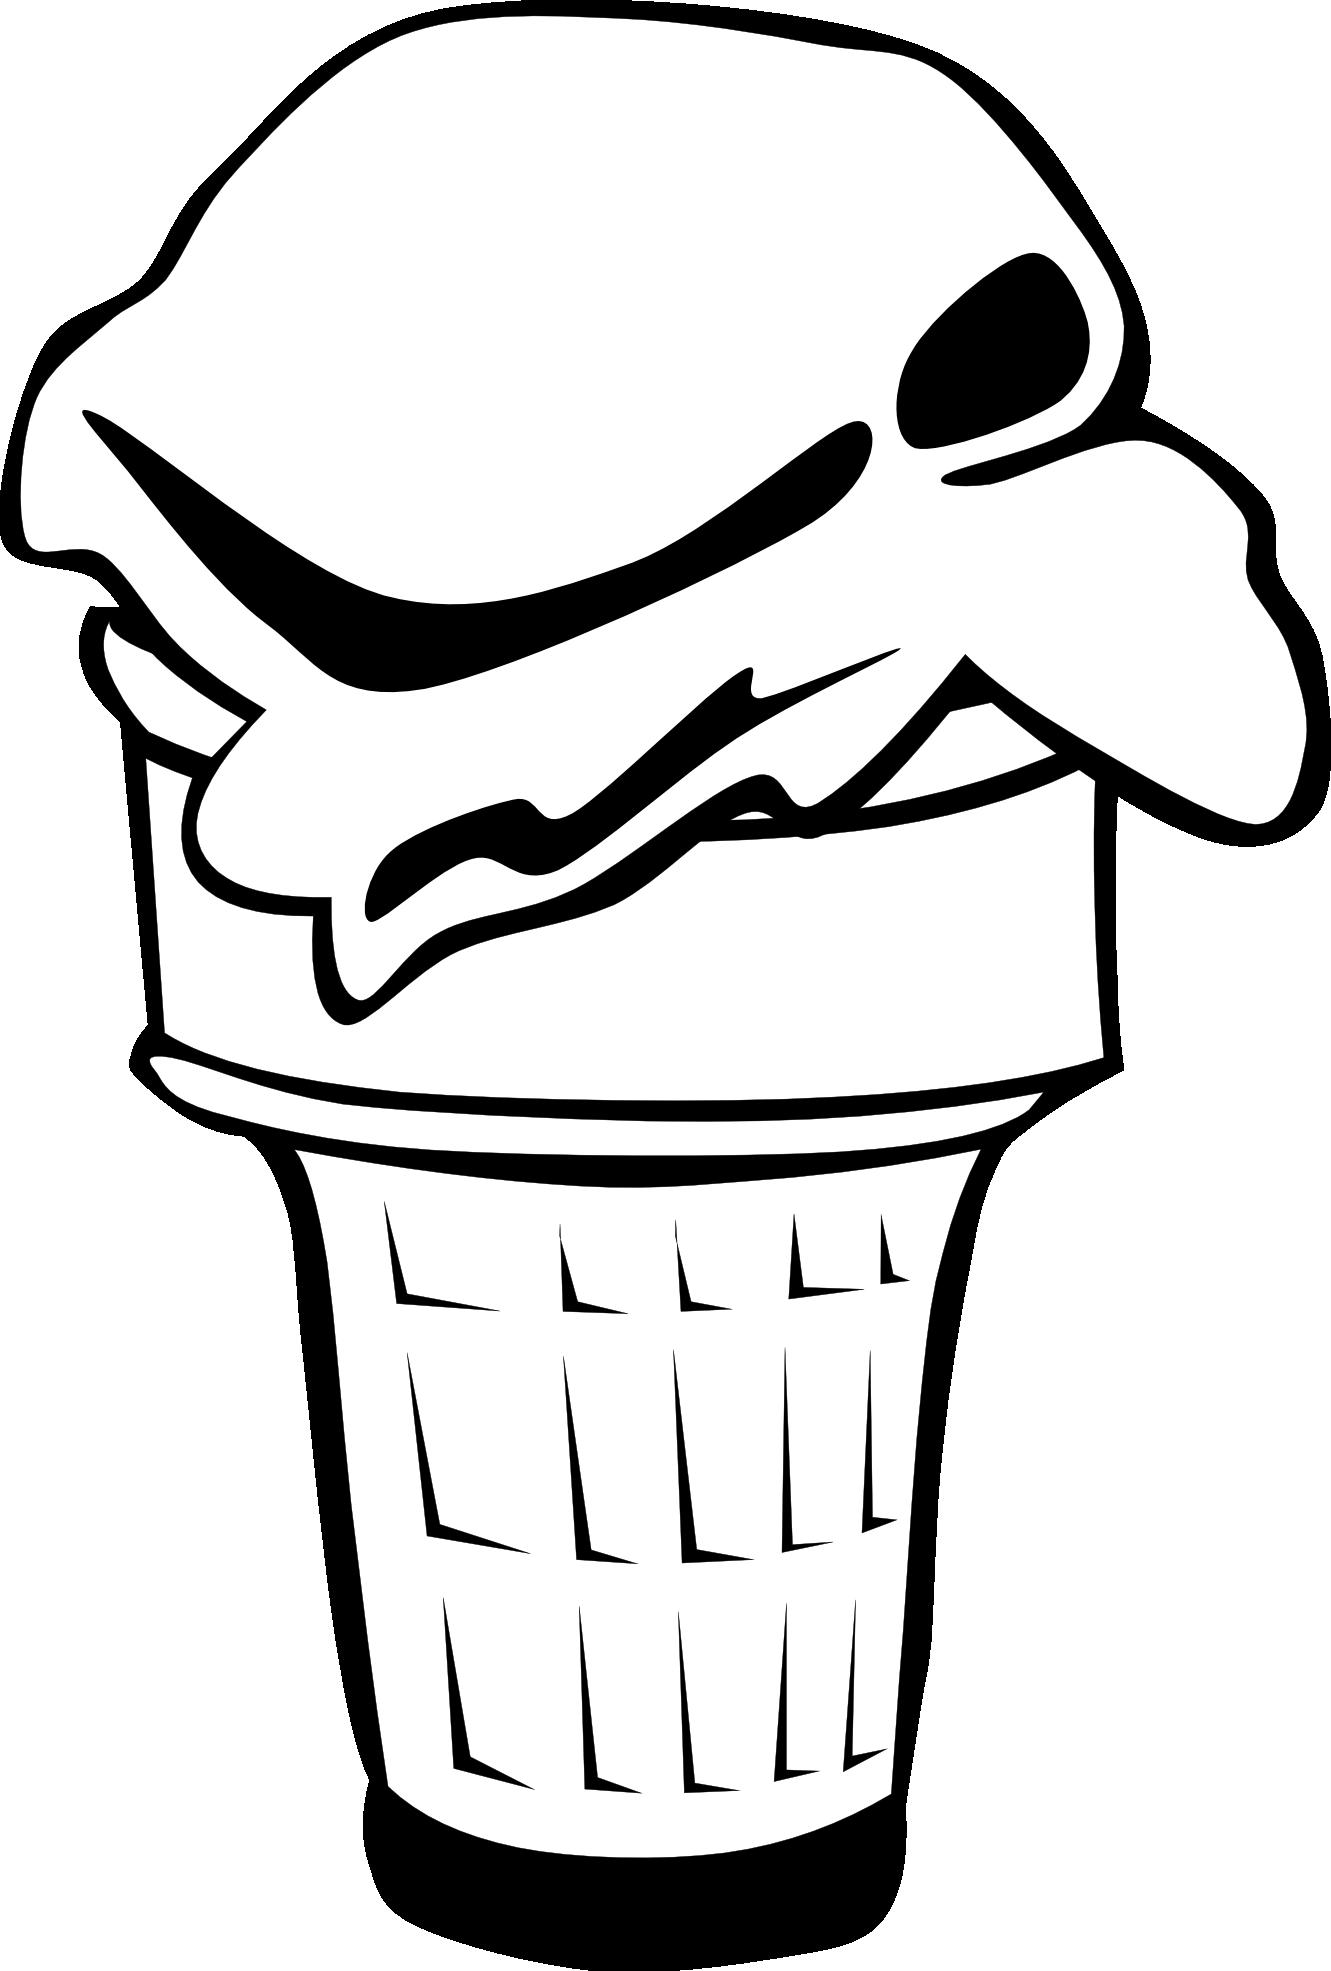 Ice clipart black and white. Cream cone panda free